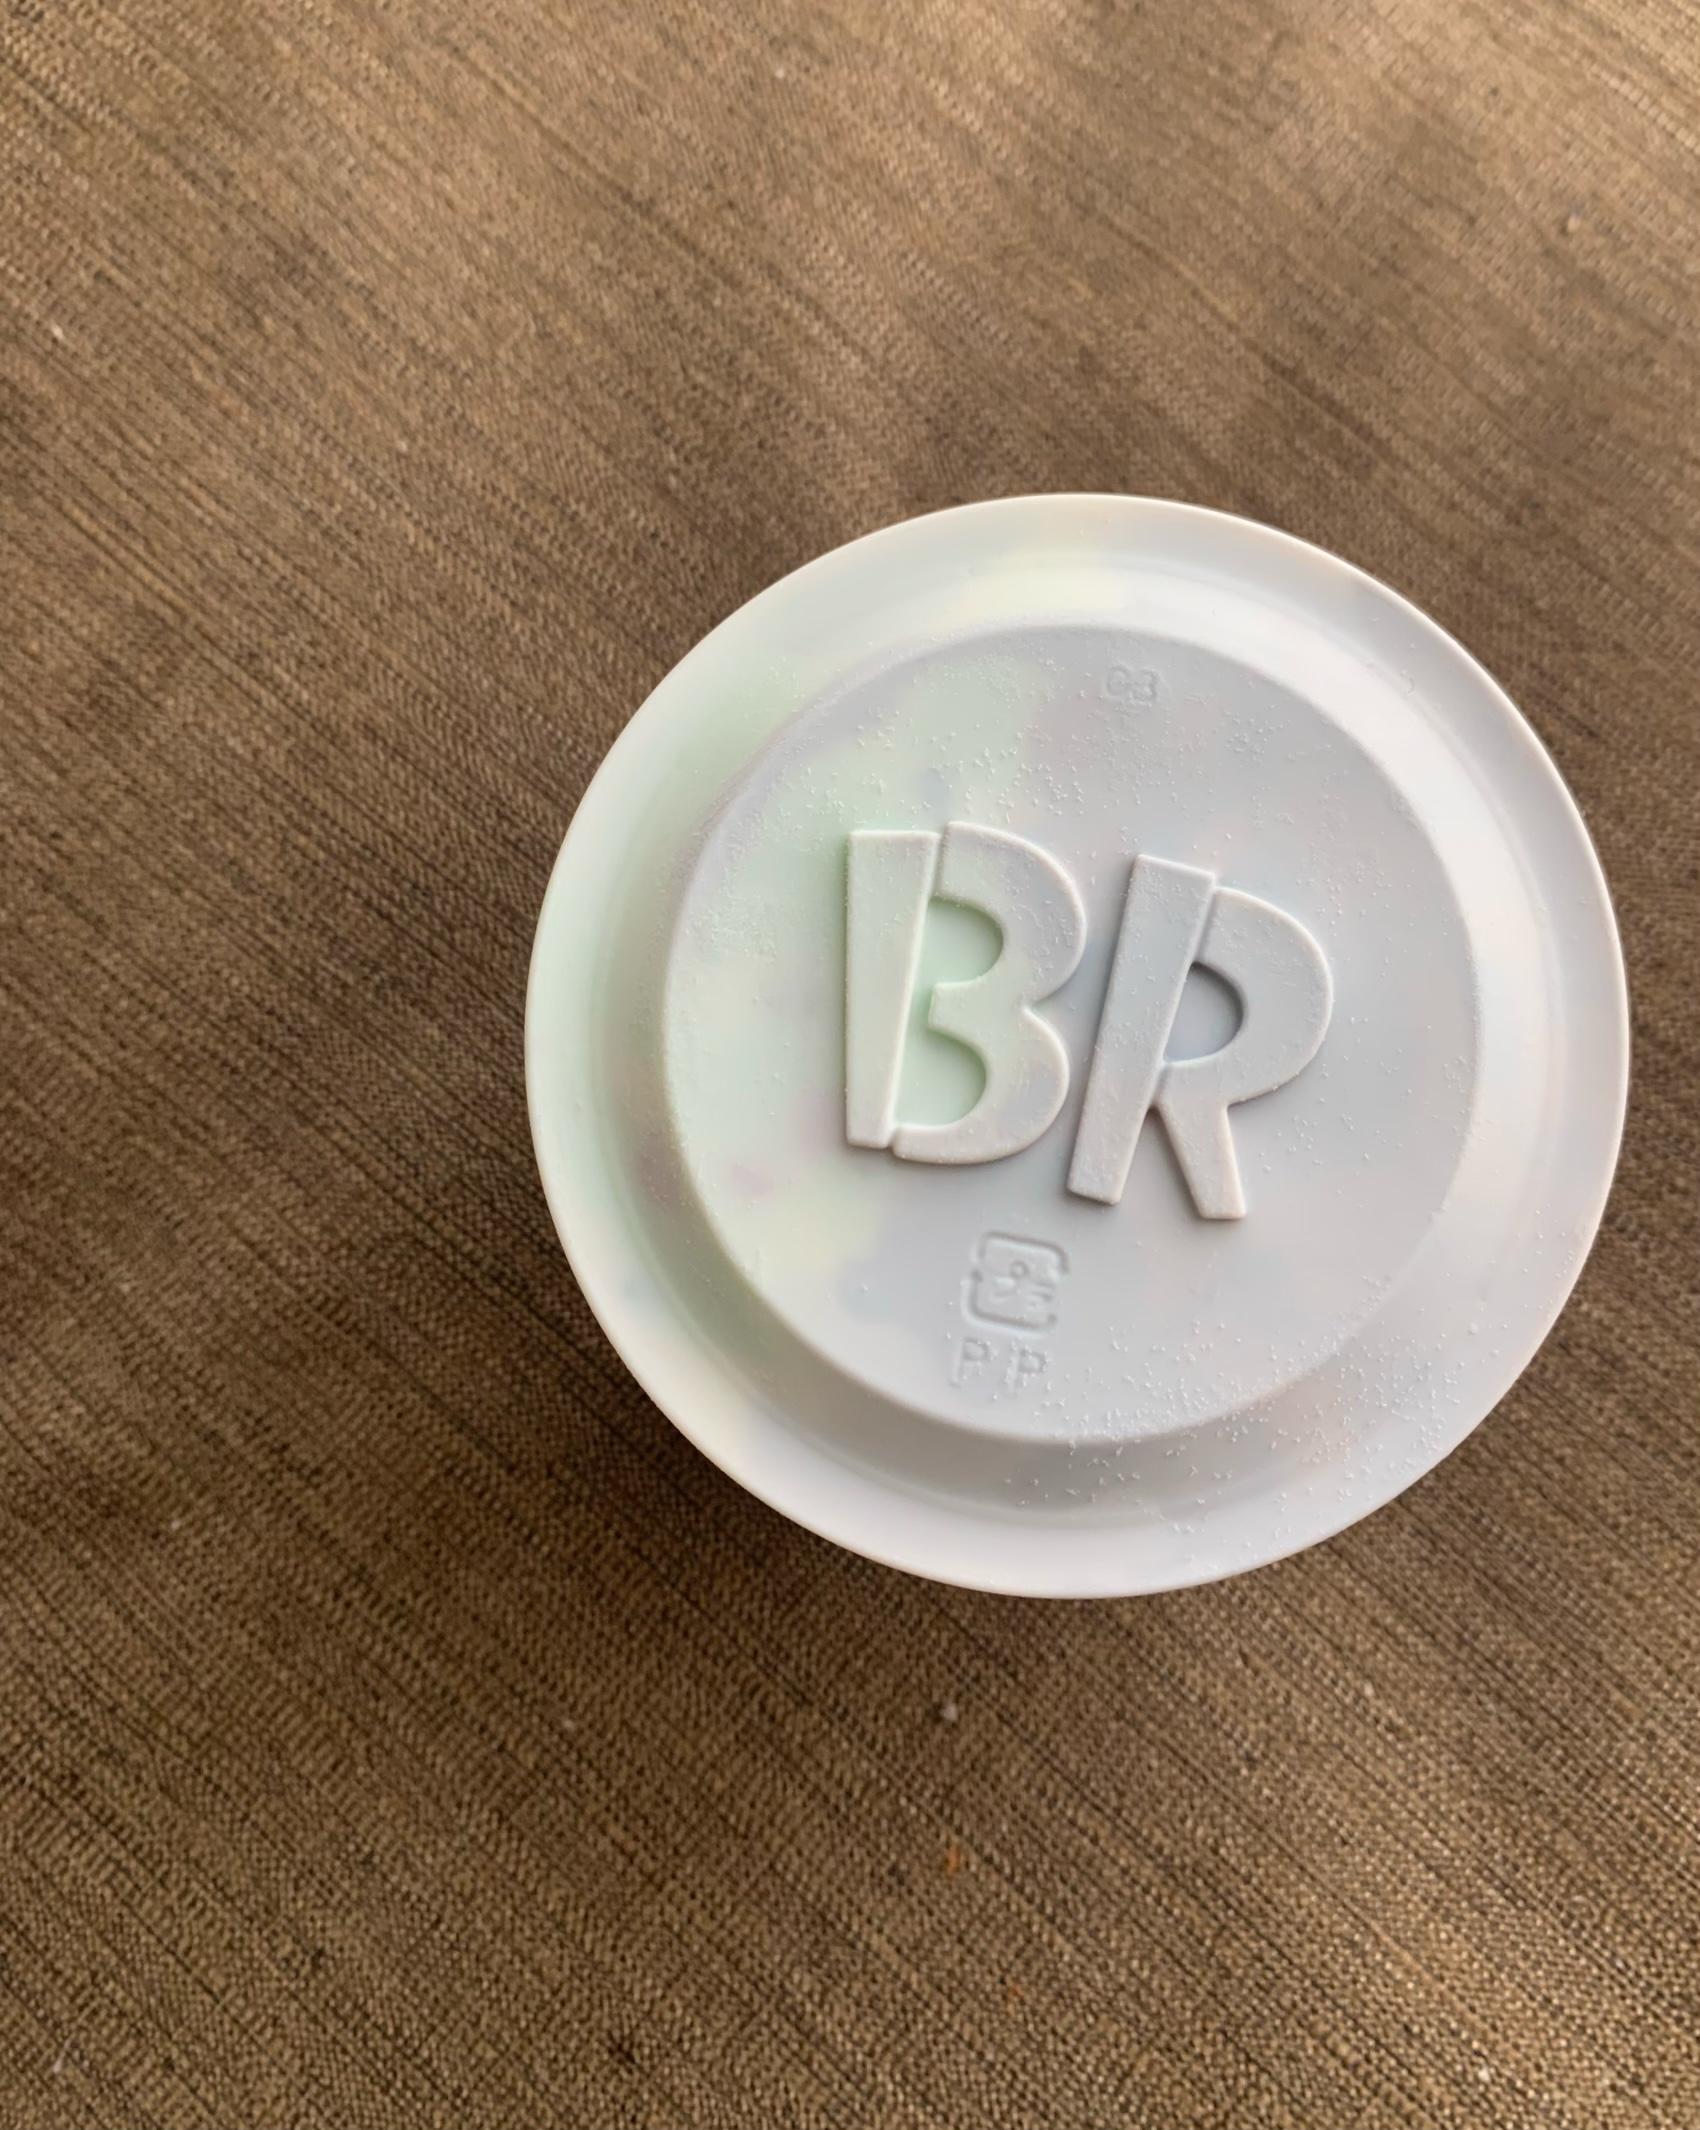 サーティワンアイスクリームのカップのロゴ入りフタ